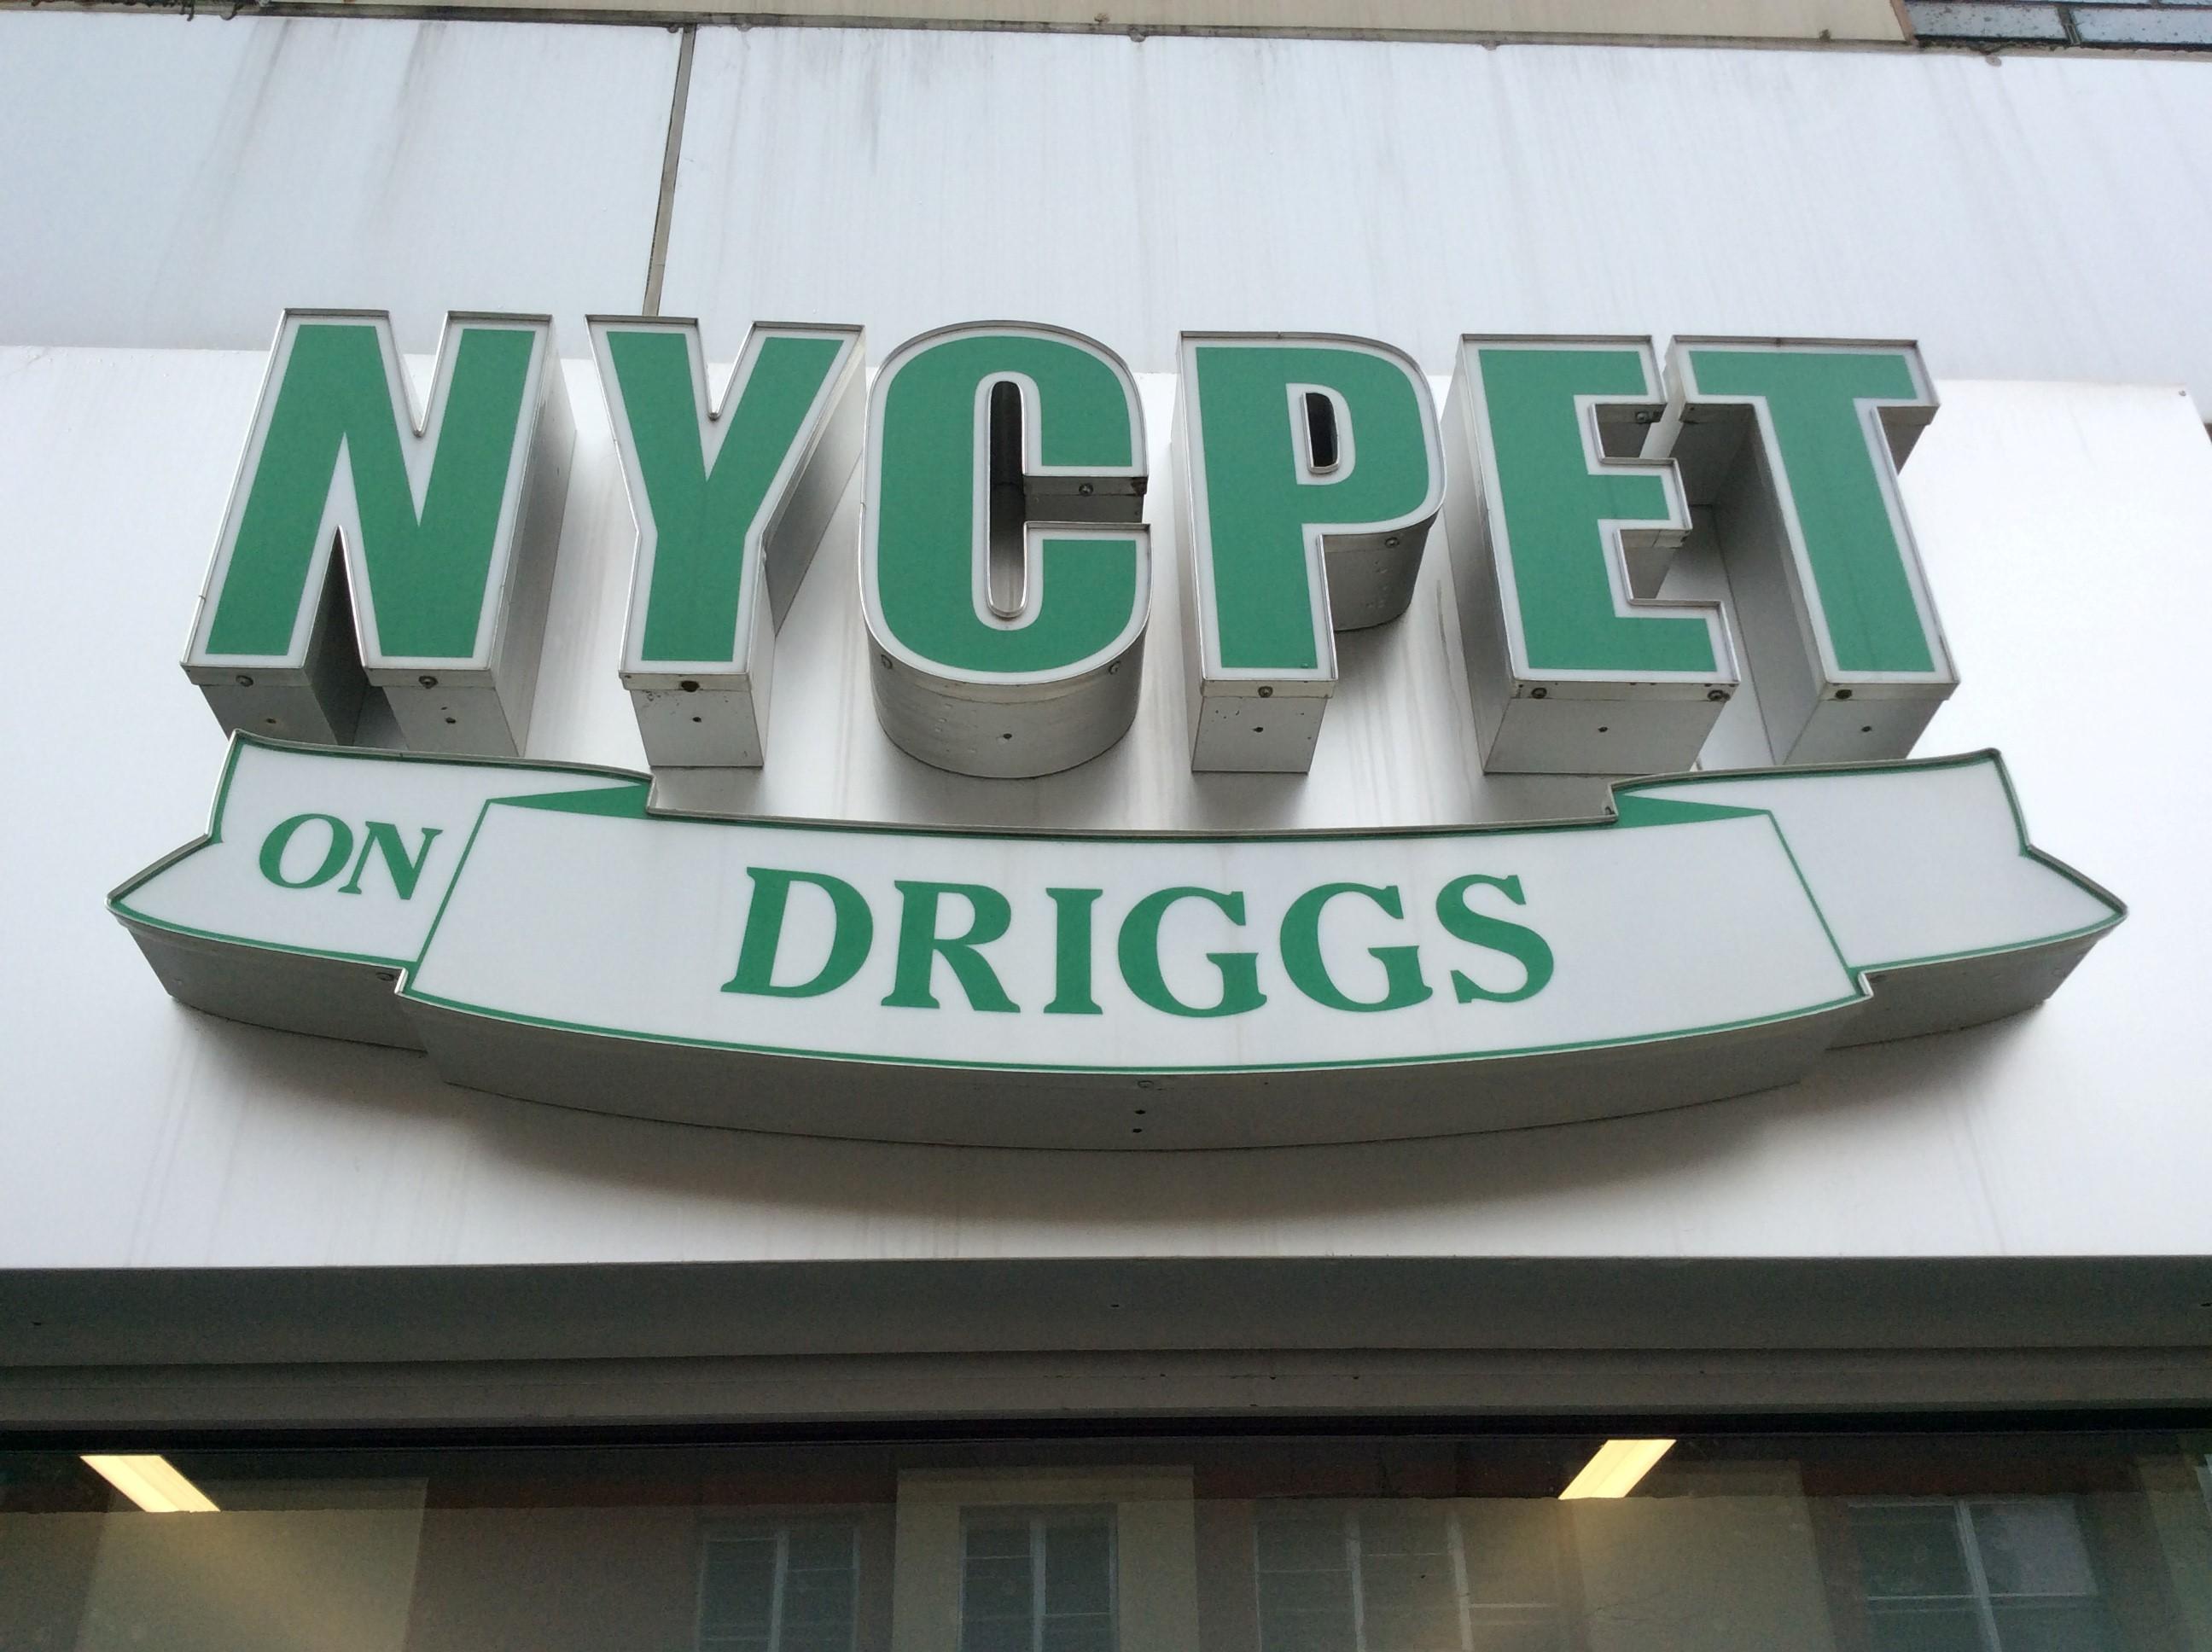 NYC PET